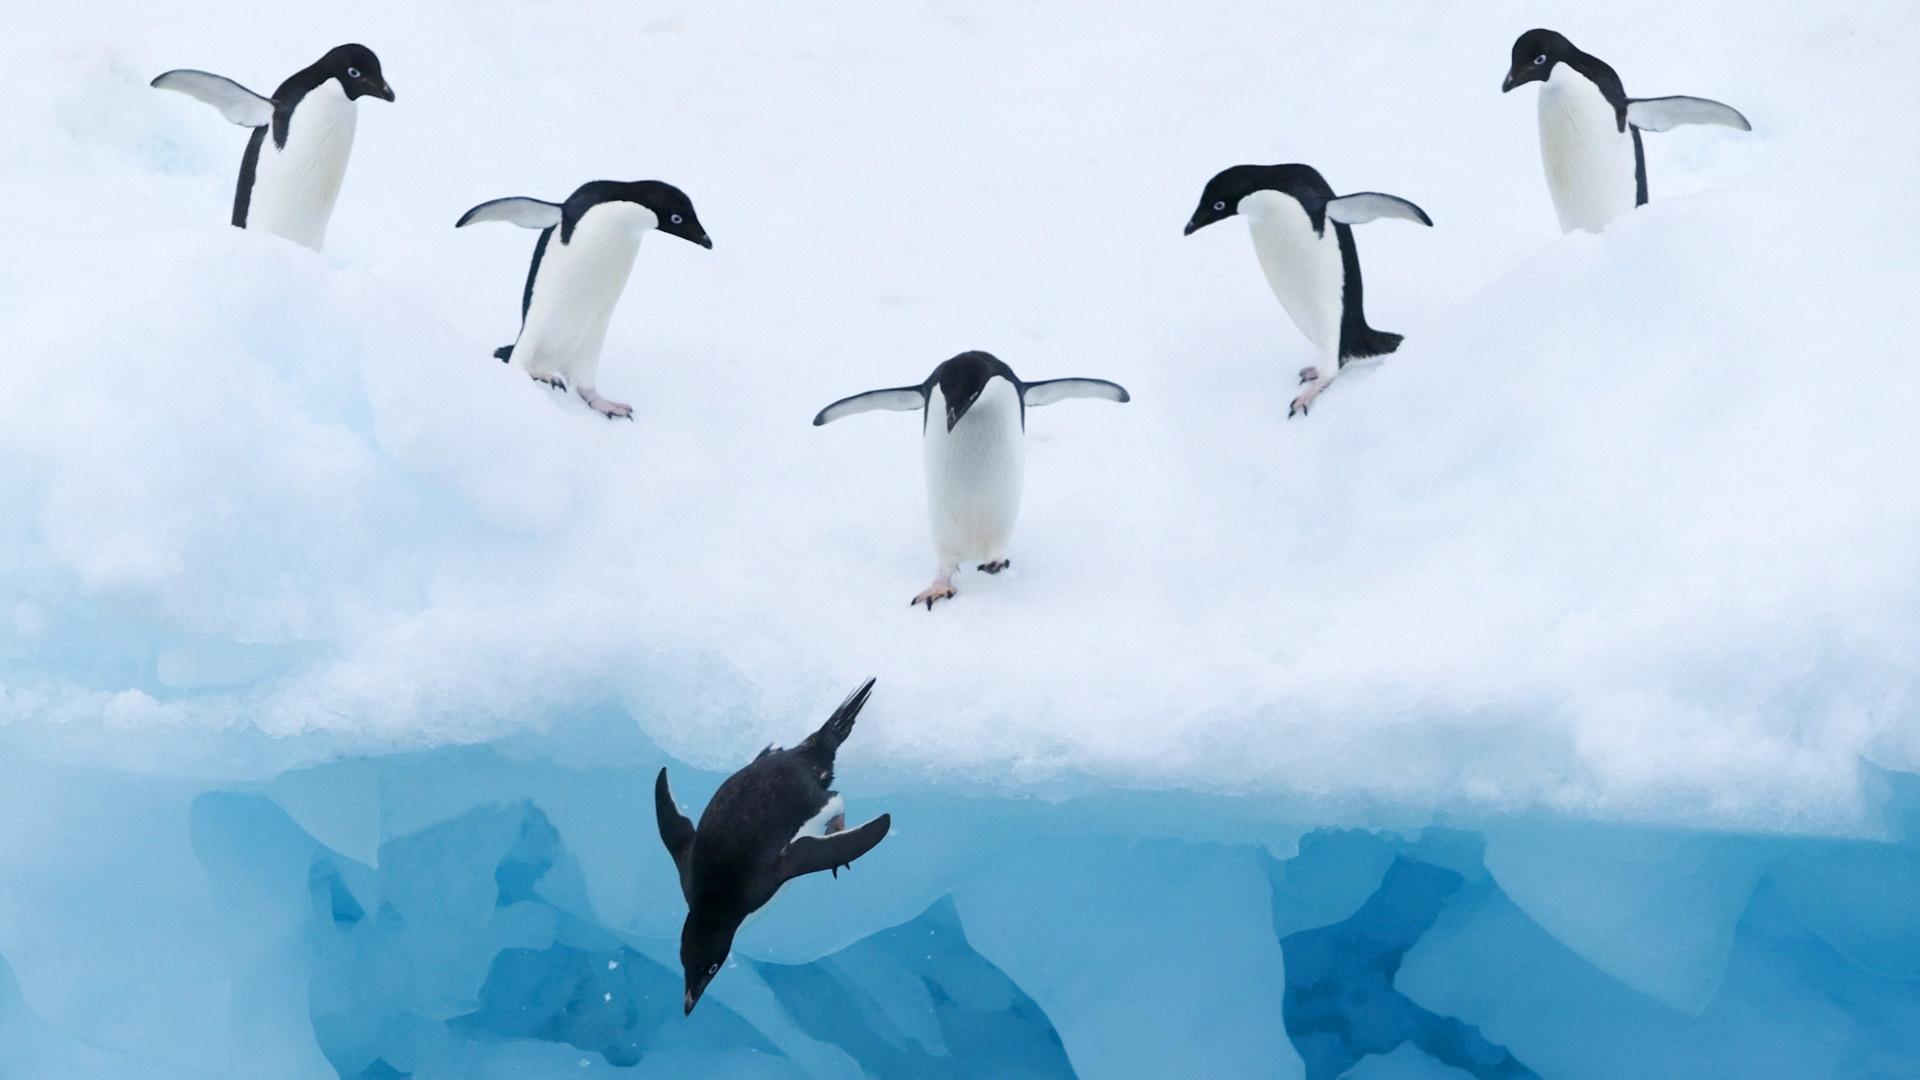 壁紙 ペンギンの氷雪水 1920x1080 Full Hd 2k 無料のデスクトップの